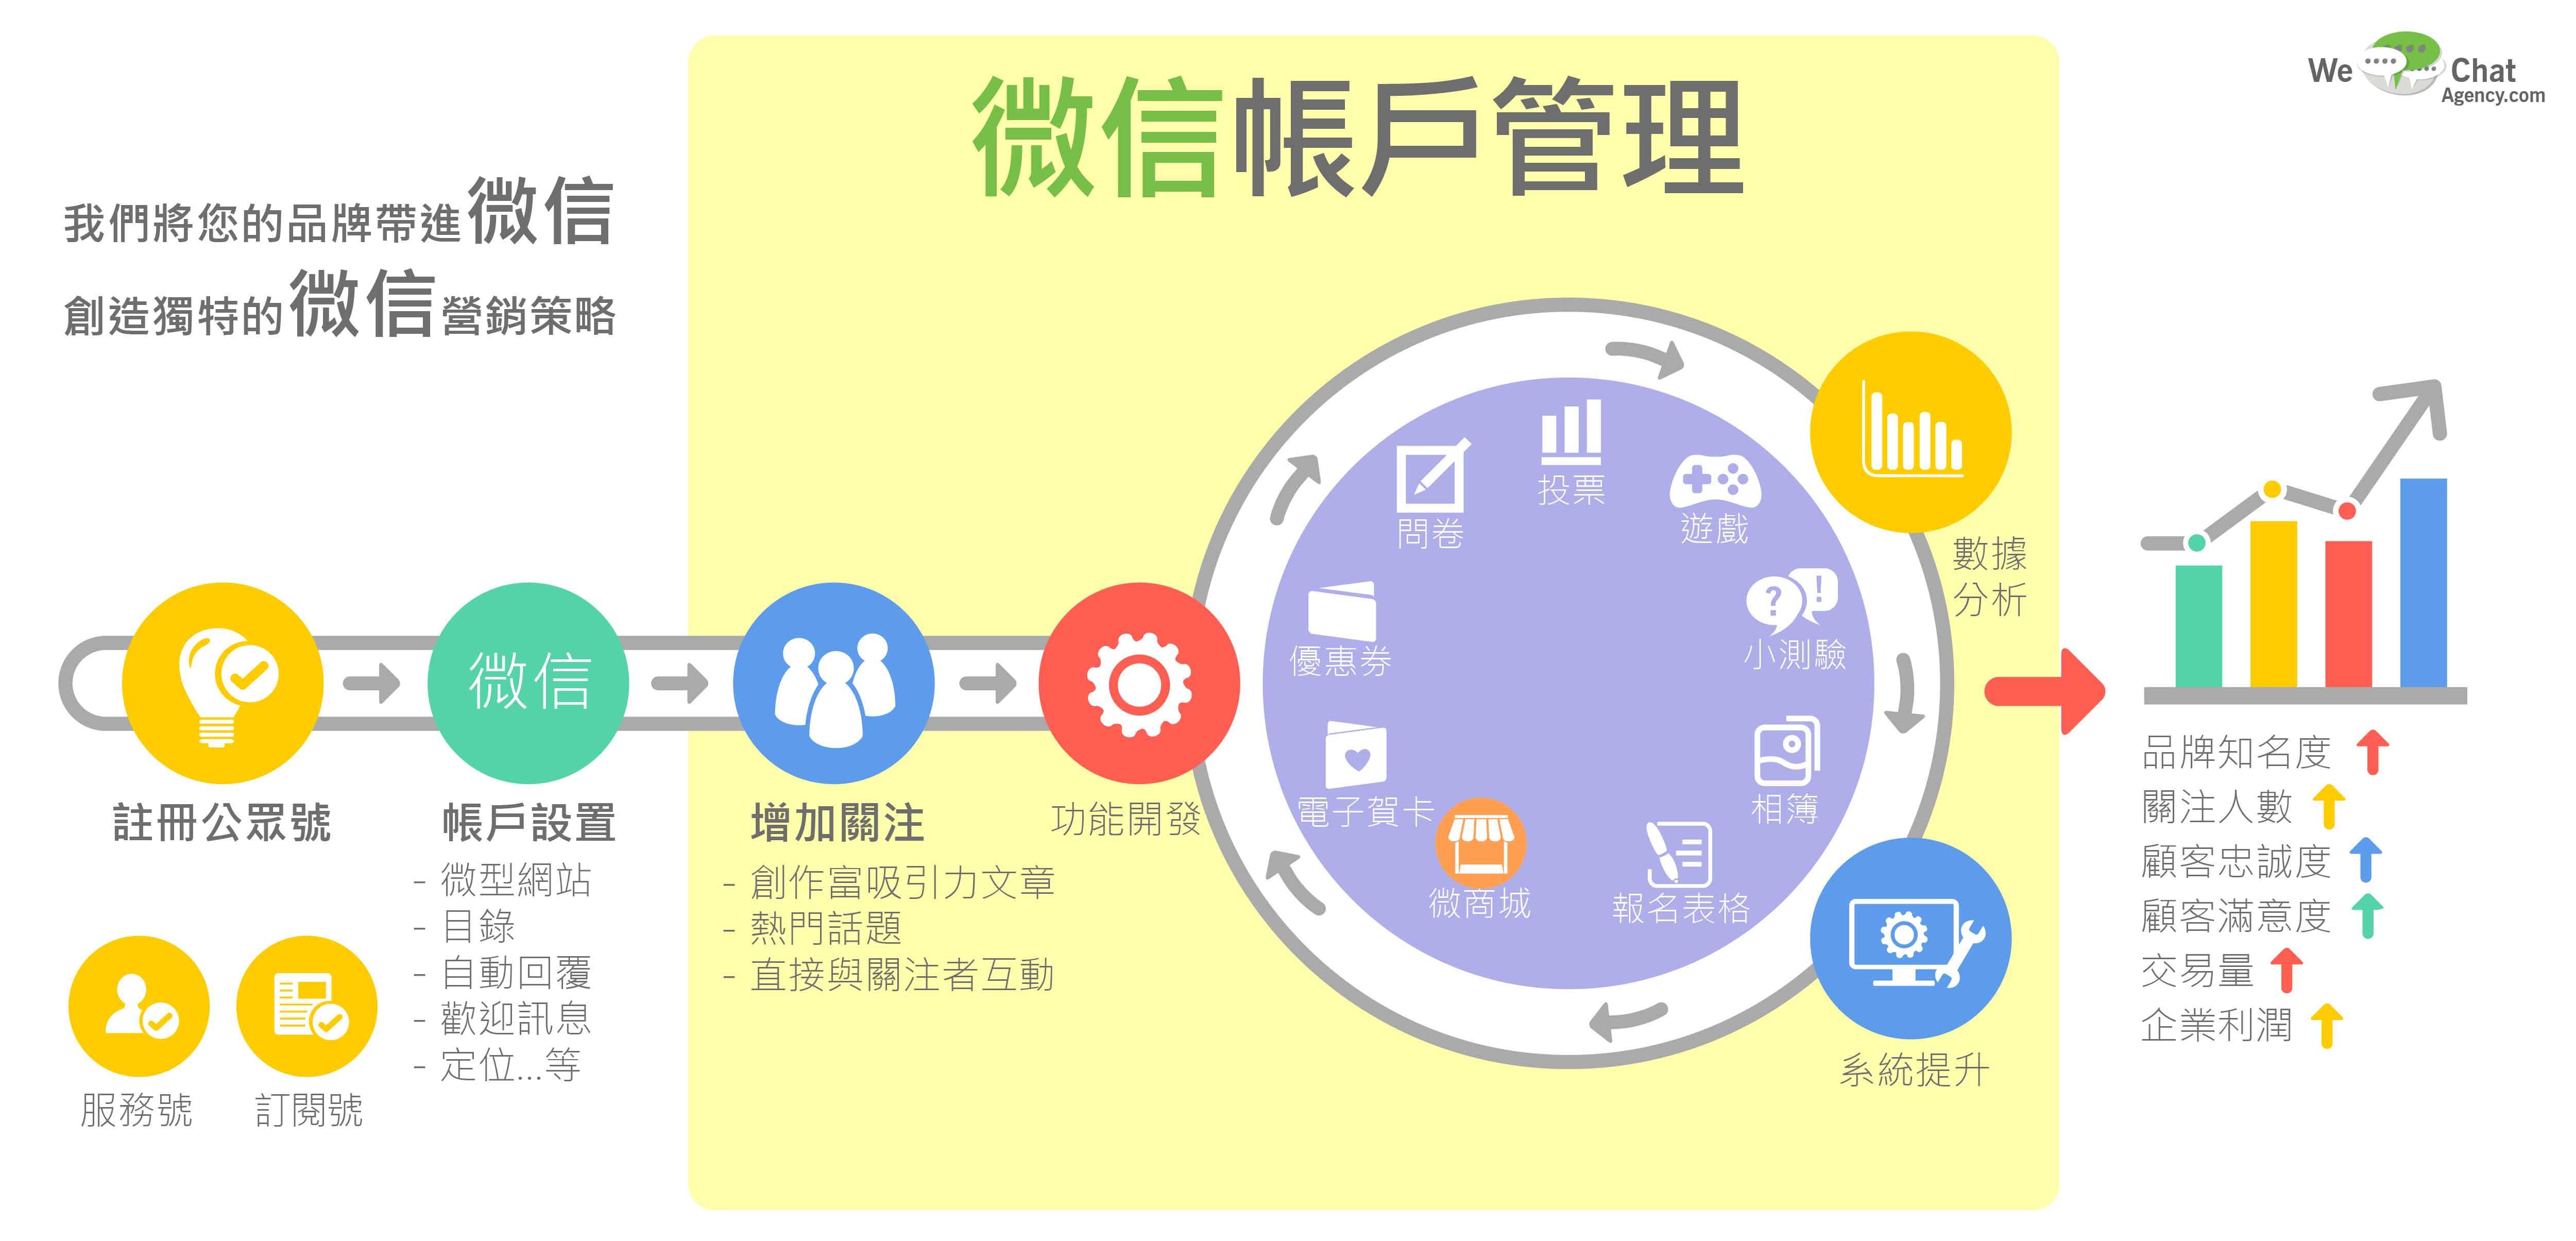 微信推廣是什麼?